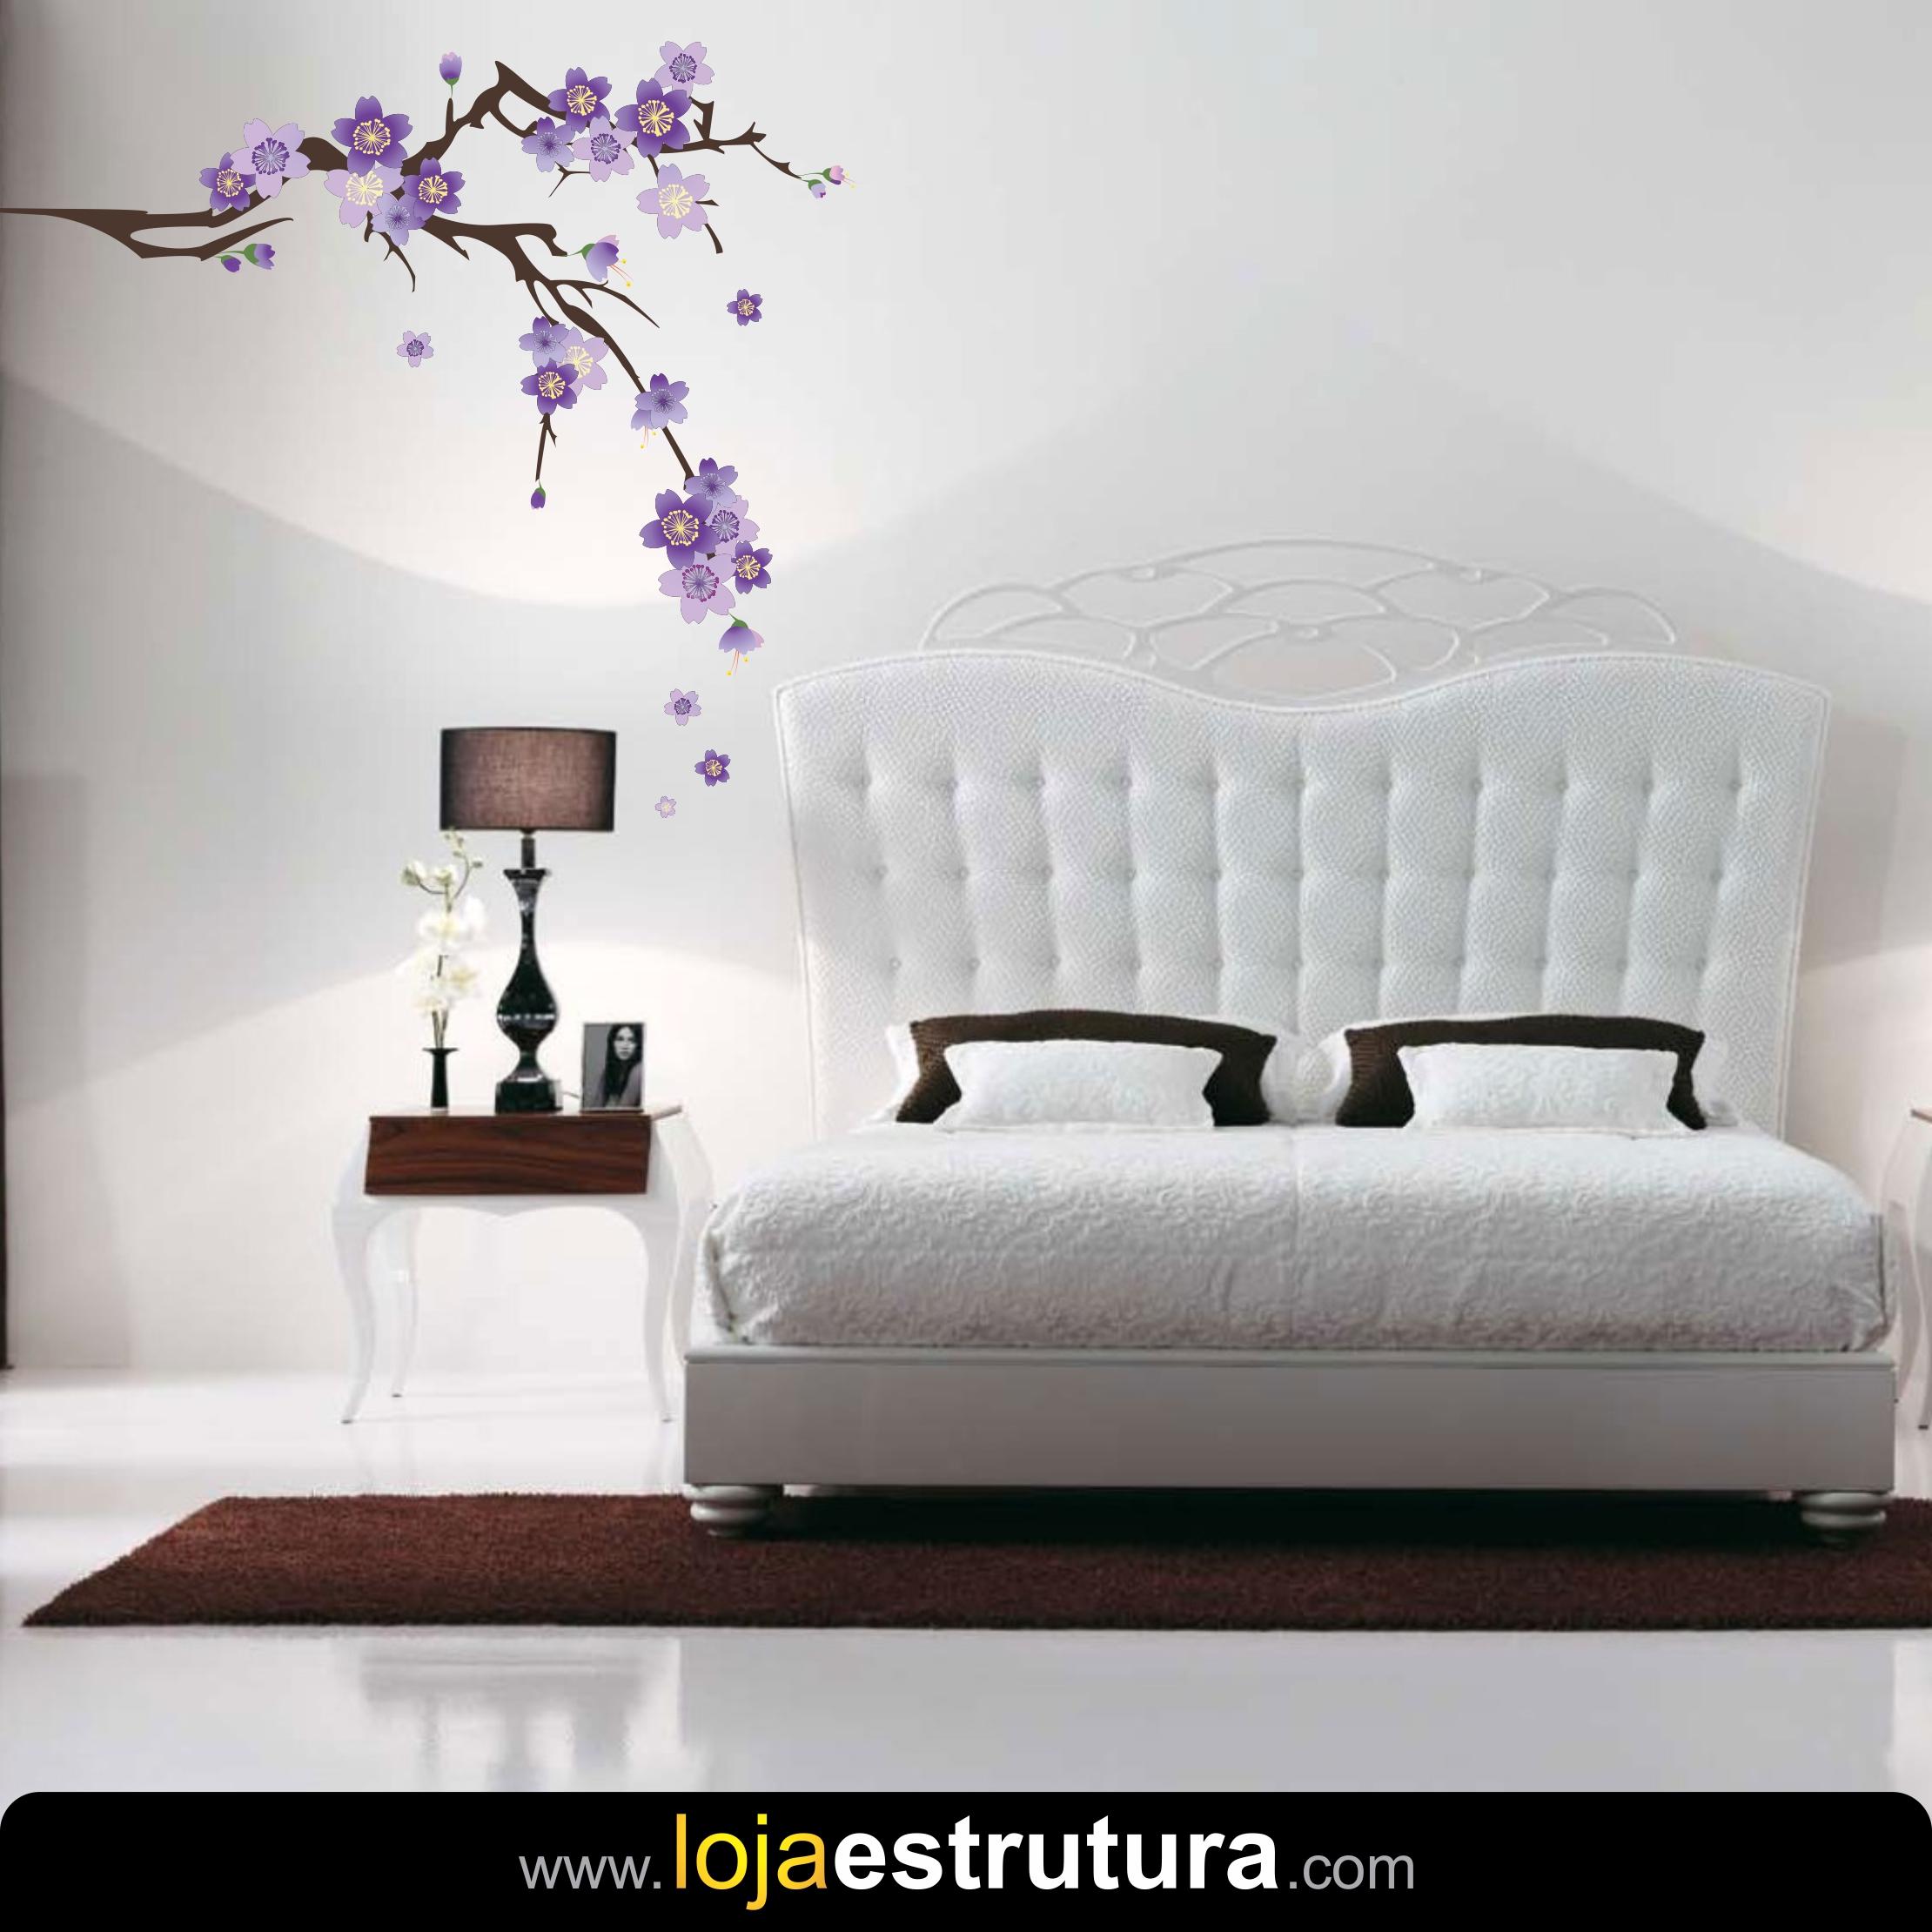 Artesanato Uberlandia ~ Dicas de decoraç u00e3o u2013 Adesivos Decorativos Vício de Moda